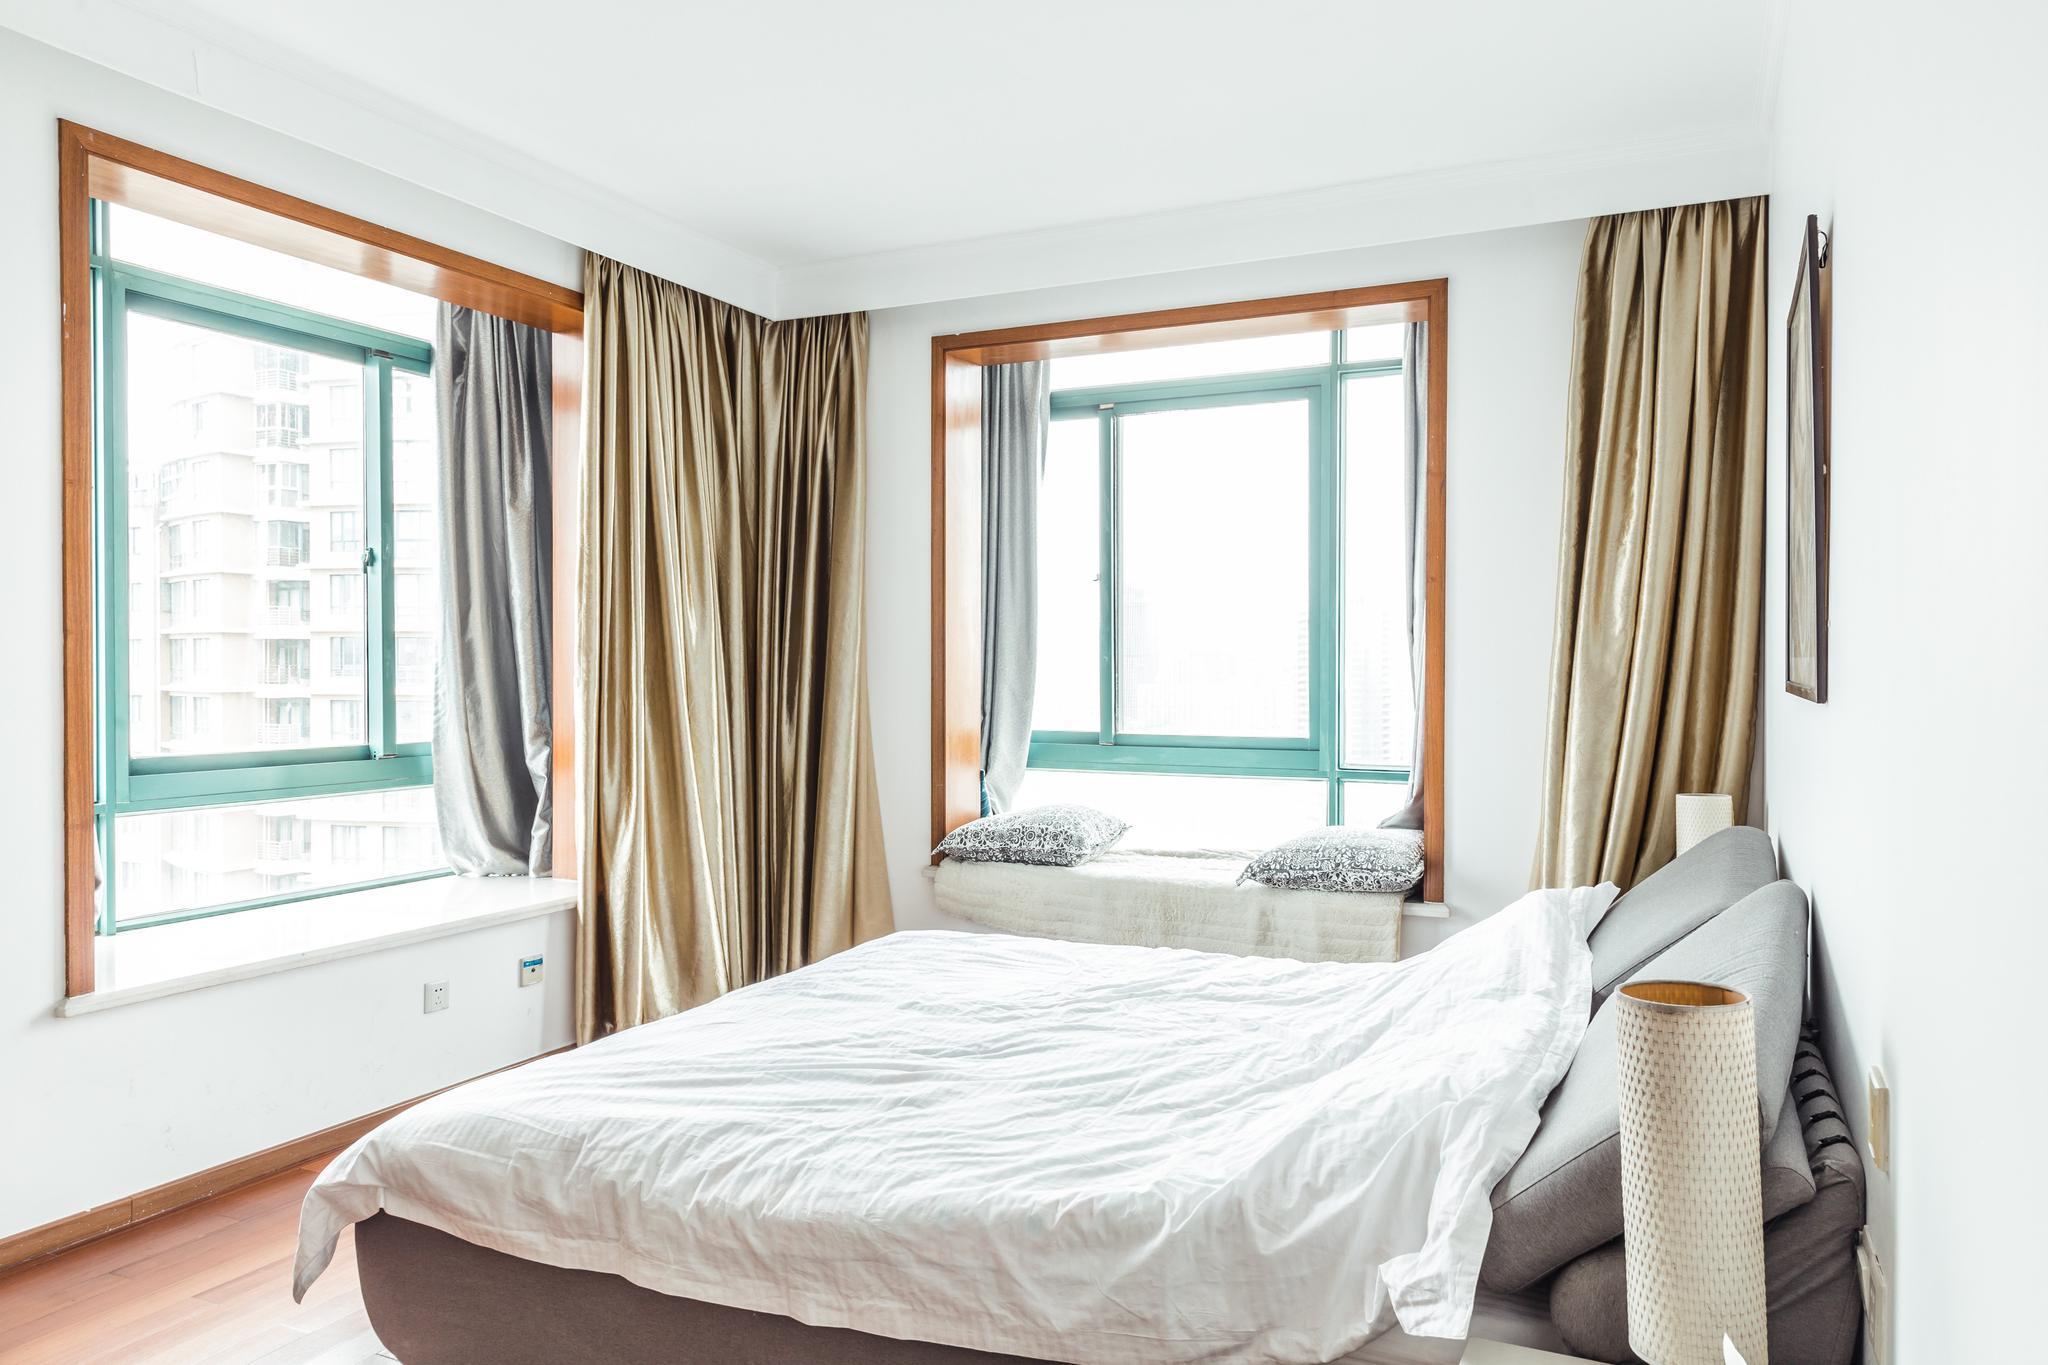 家里窗帘怎么选购好?教给大家3个方法,句句都是干货